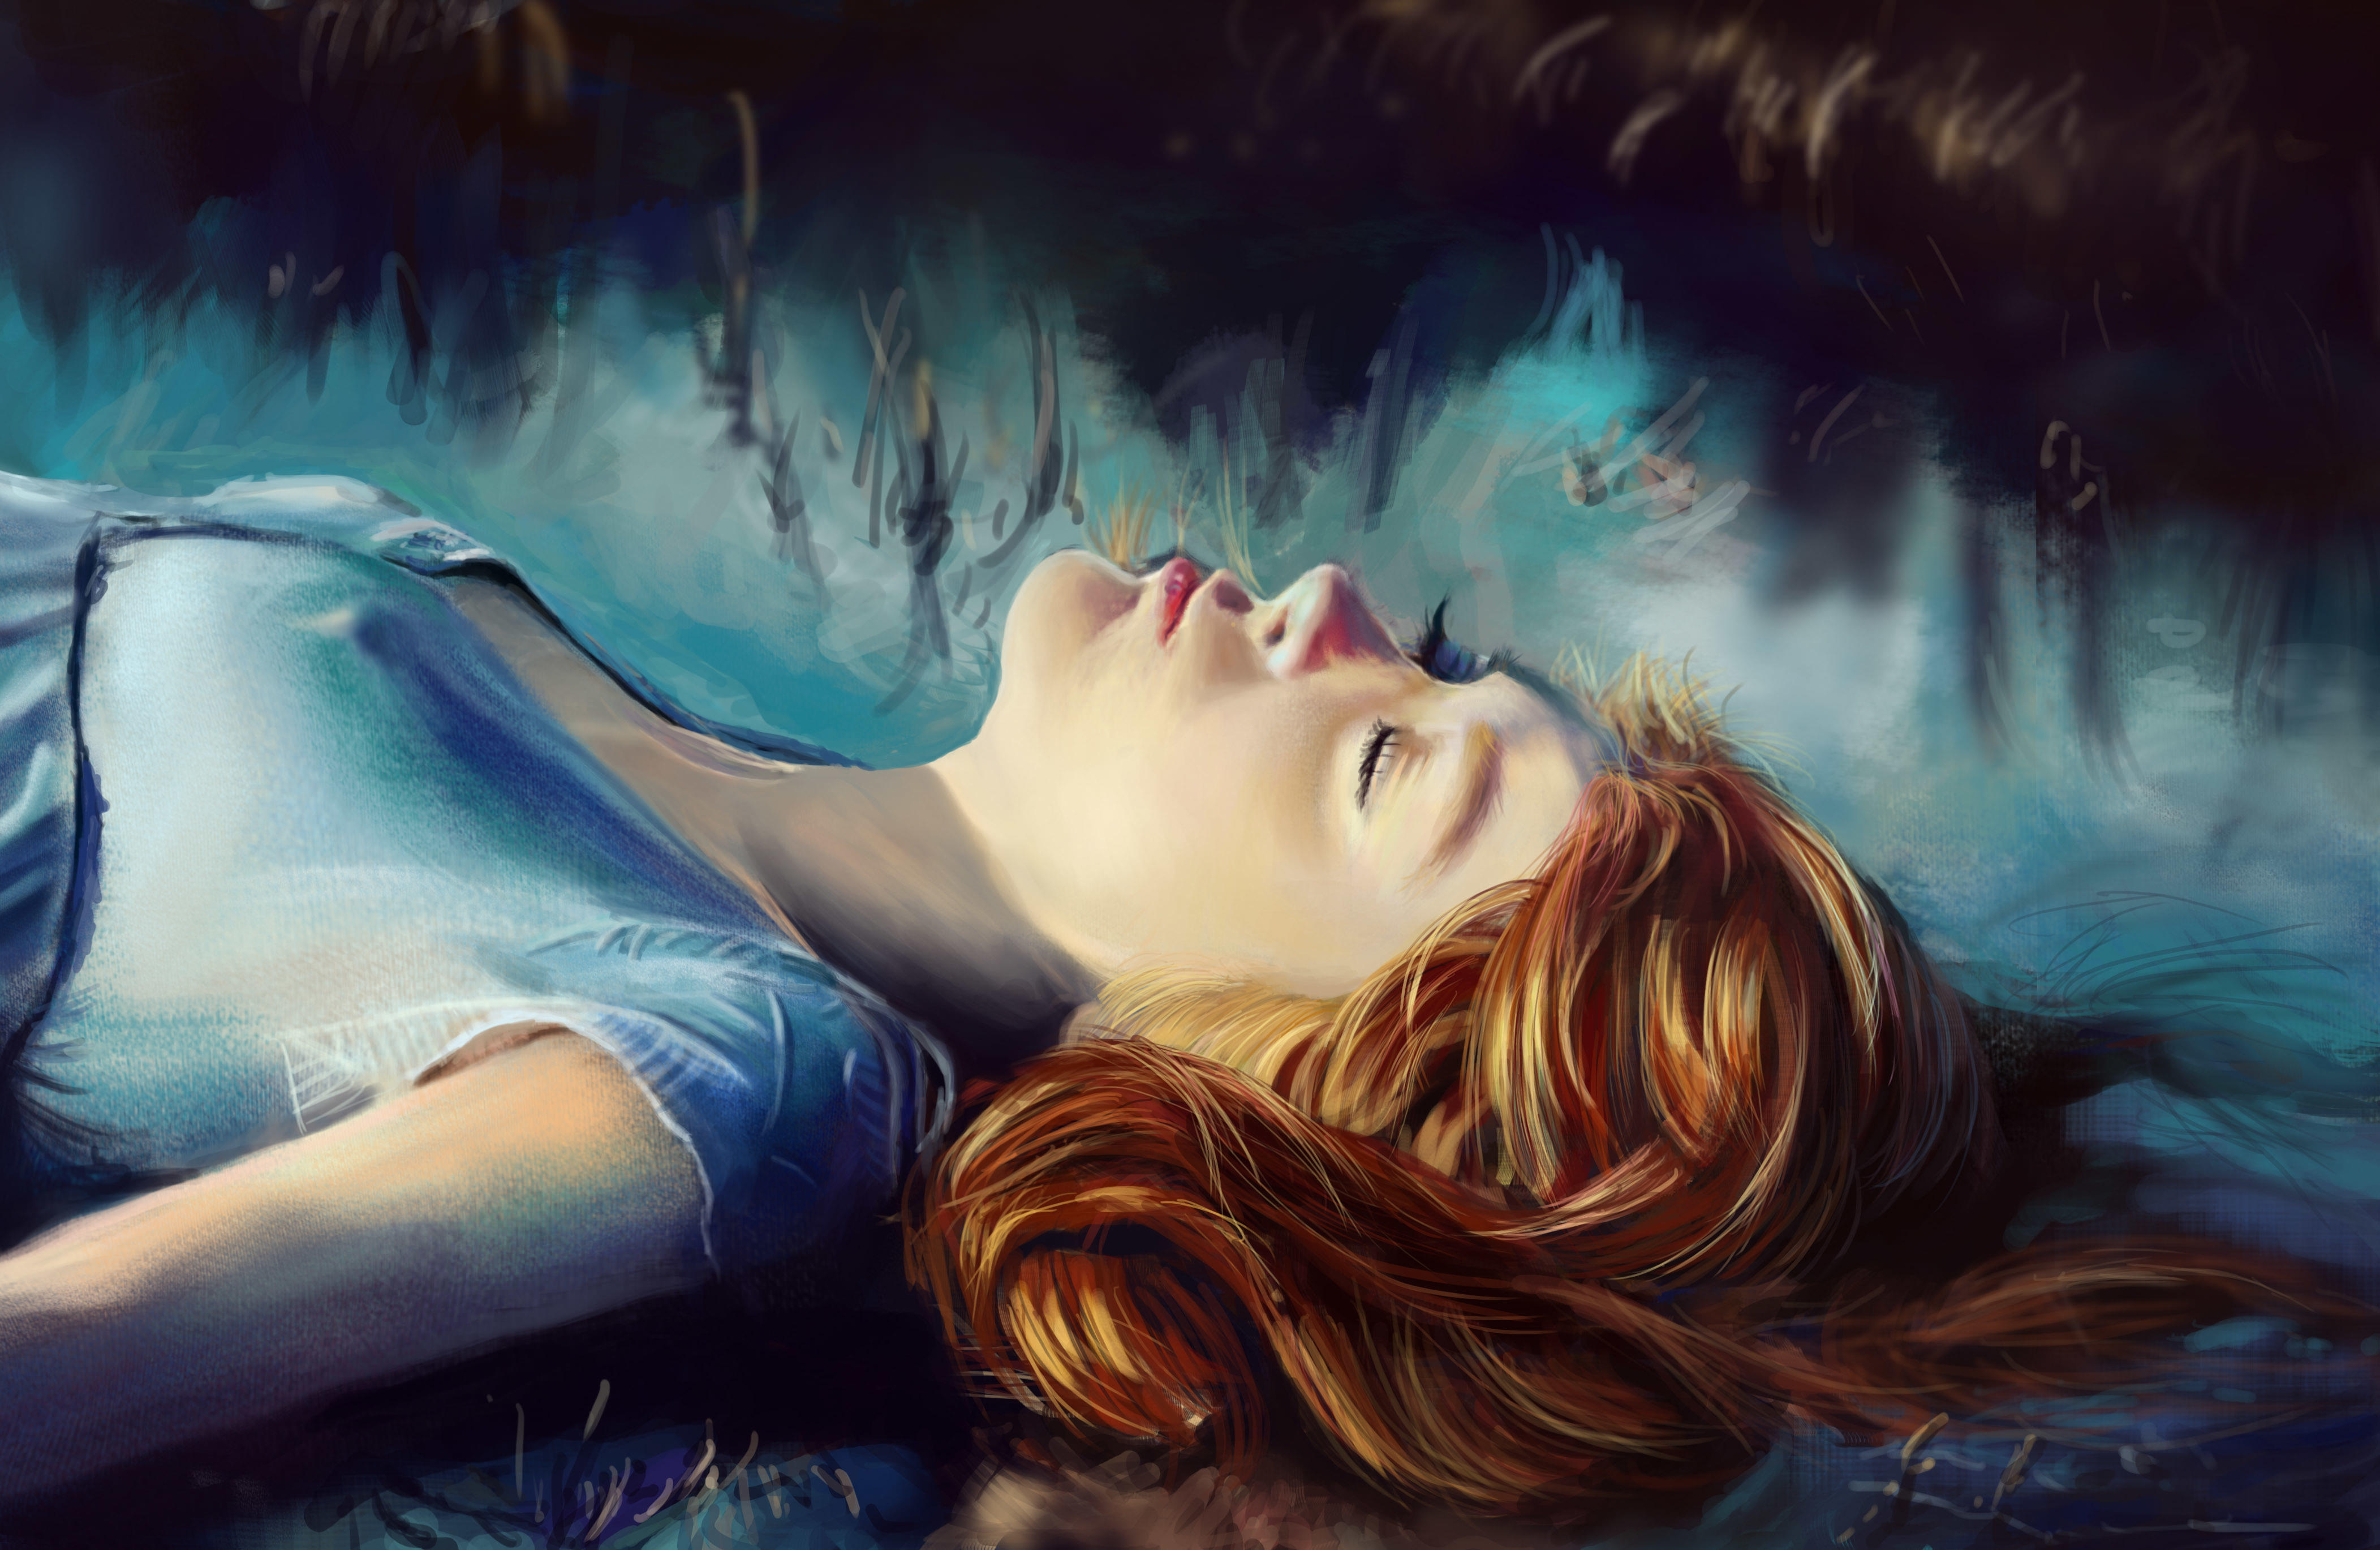 Canvas Hi Beautiful 3d Wallpaper 20 Fabulous Painting Art Wallpapers Freecreatives